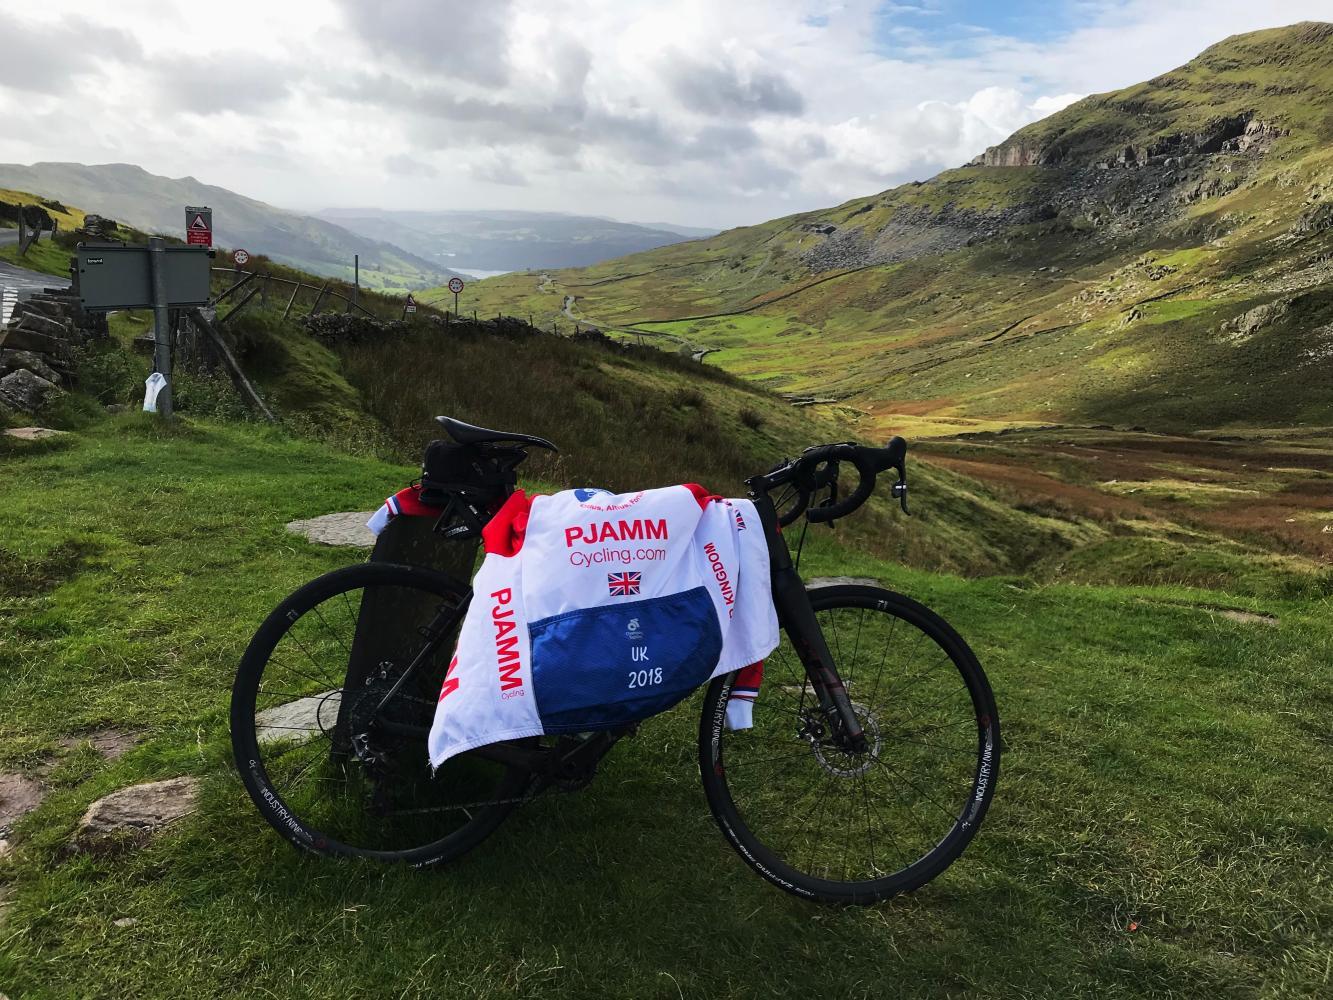 Kirkstone Pass - Troutbeck Bike Climb - PJAMM Cycling